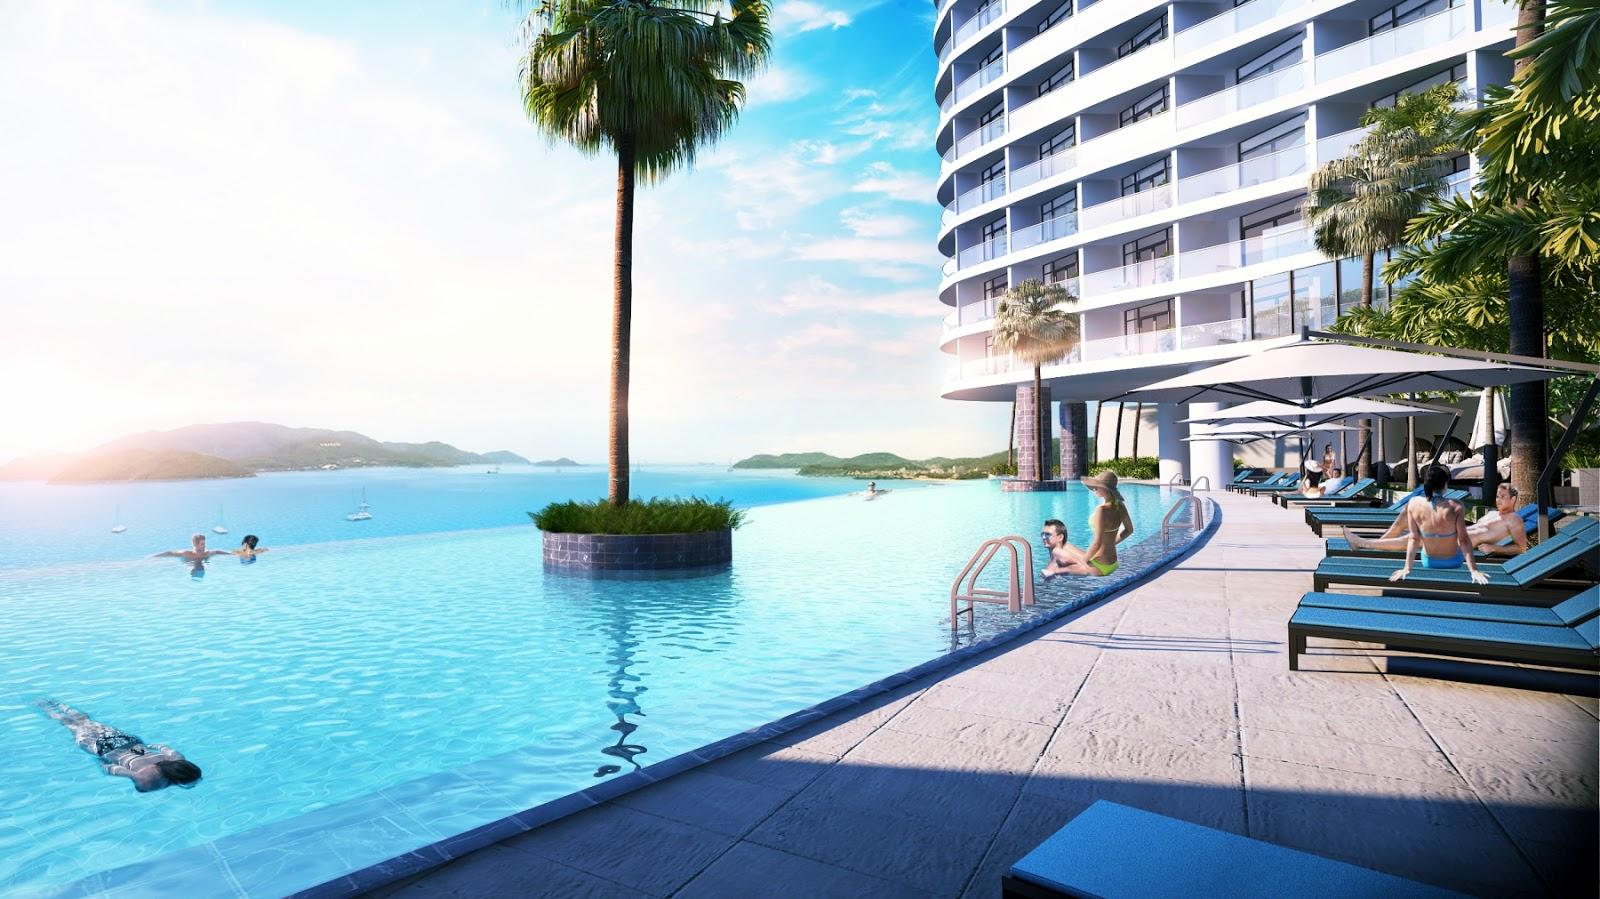 Bể bơi đẳng cấp của dự án condotel Beau Rivage Trần Phú